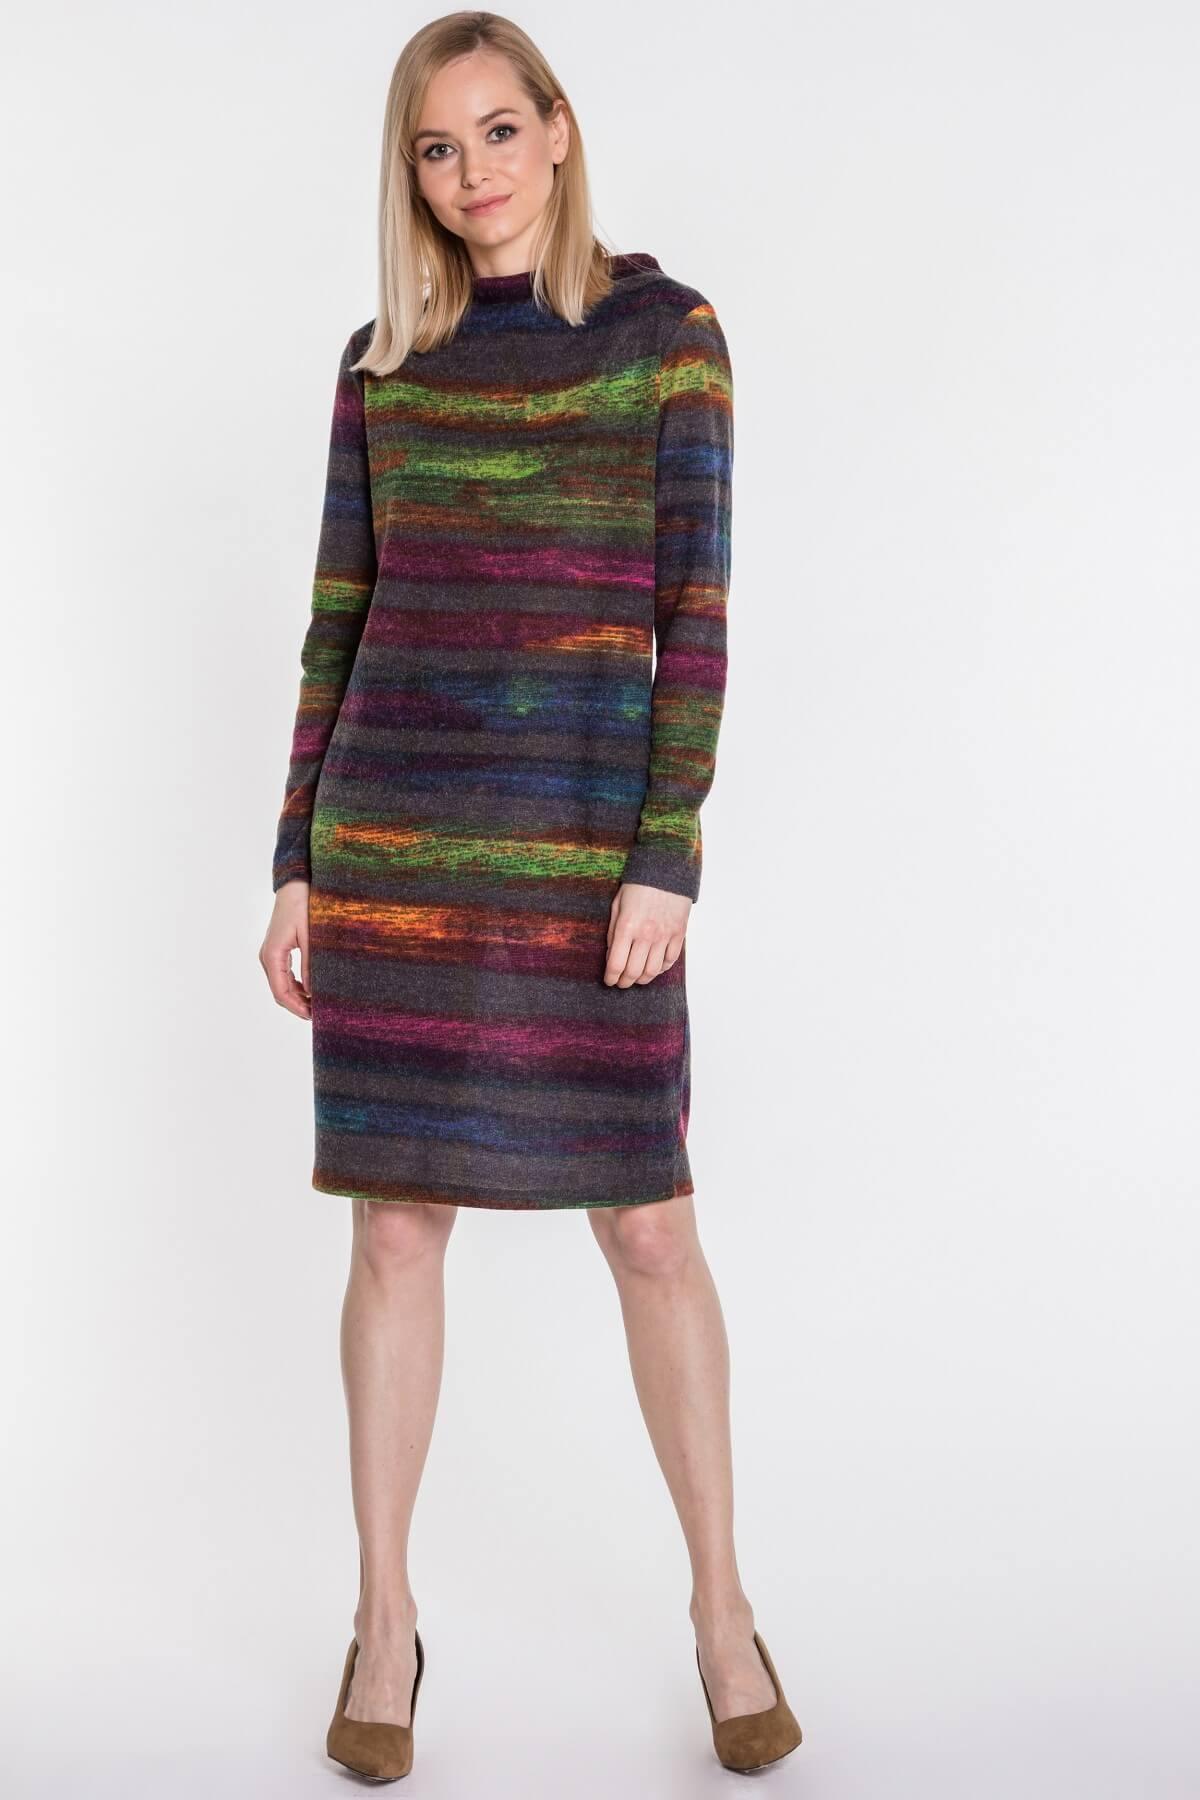 2bf96c7d68 Sukienka w paski – jak dobrać model do sylwetki  - Blog o modzie ...